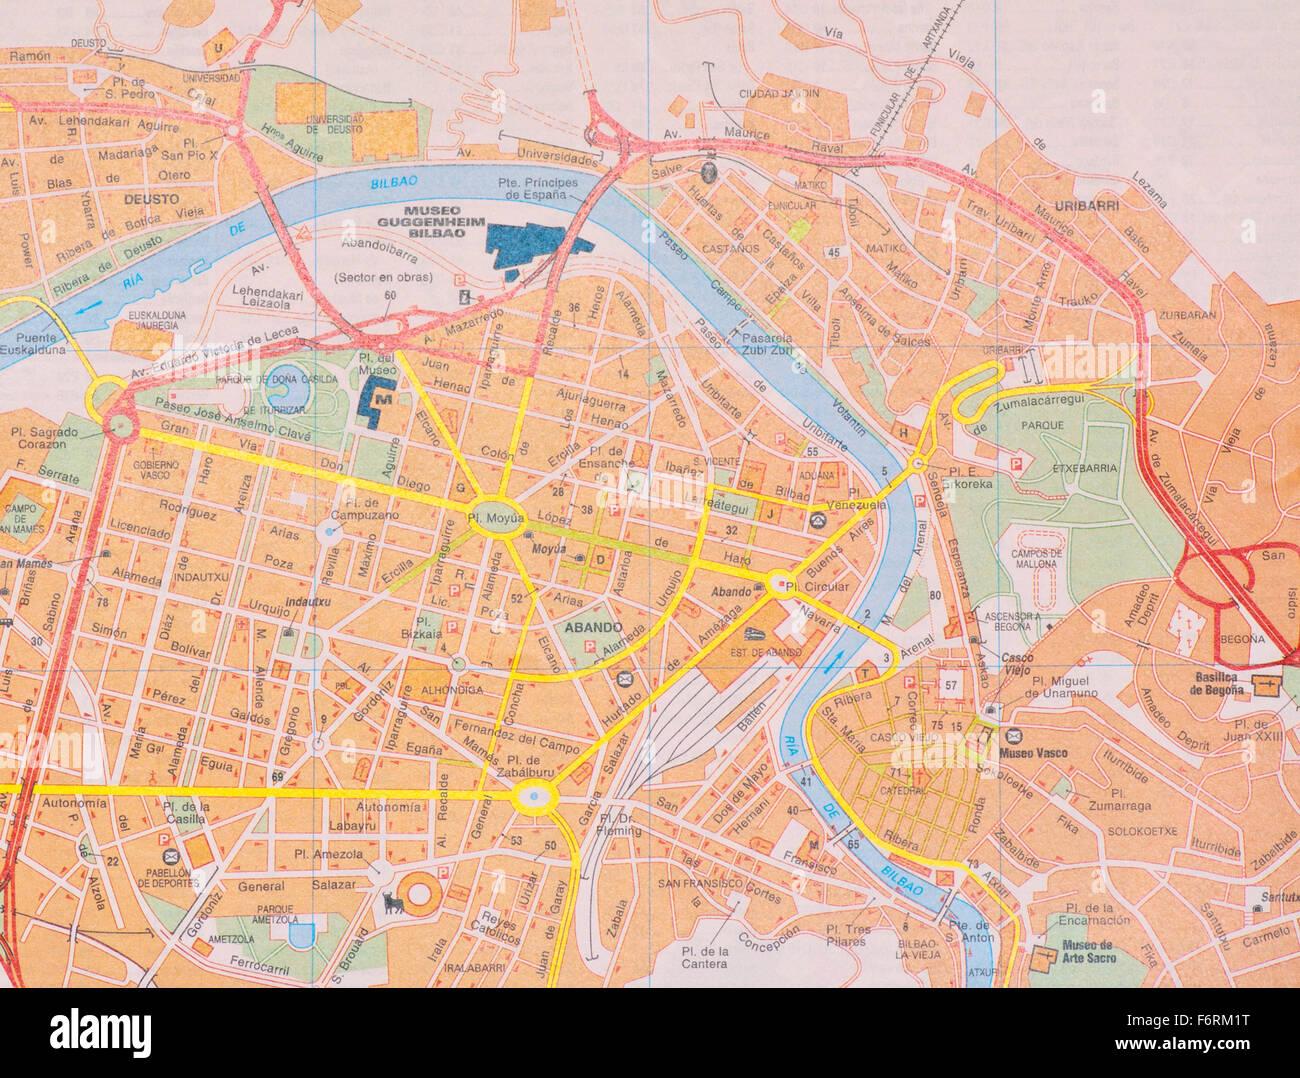 Bilbao Cartina Spagna.Mappa Stradale Della Citta Spagnola Di Bilbao Spagna Foto Stock Alamy